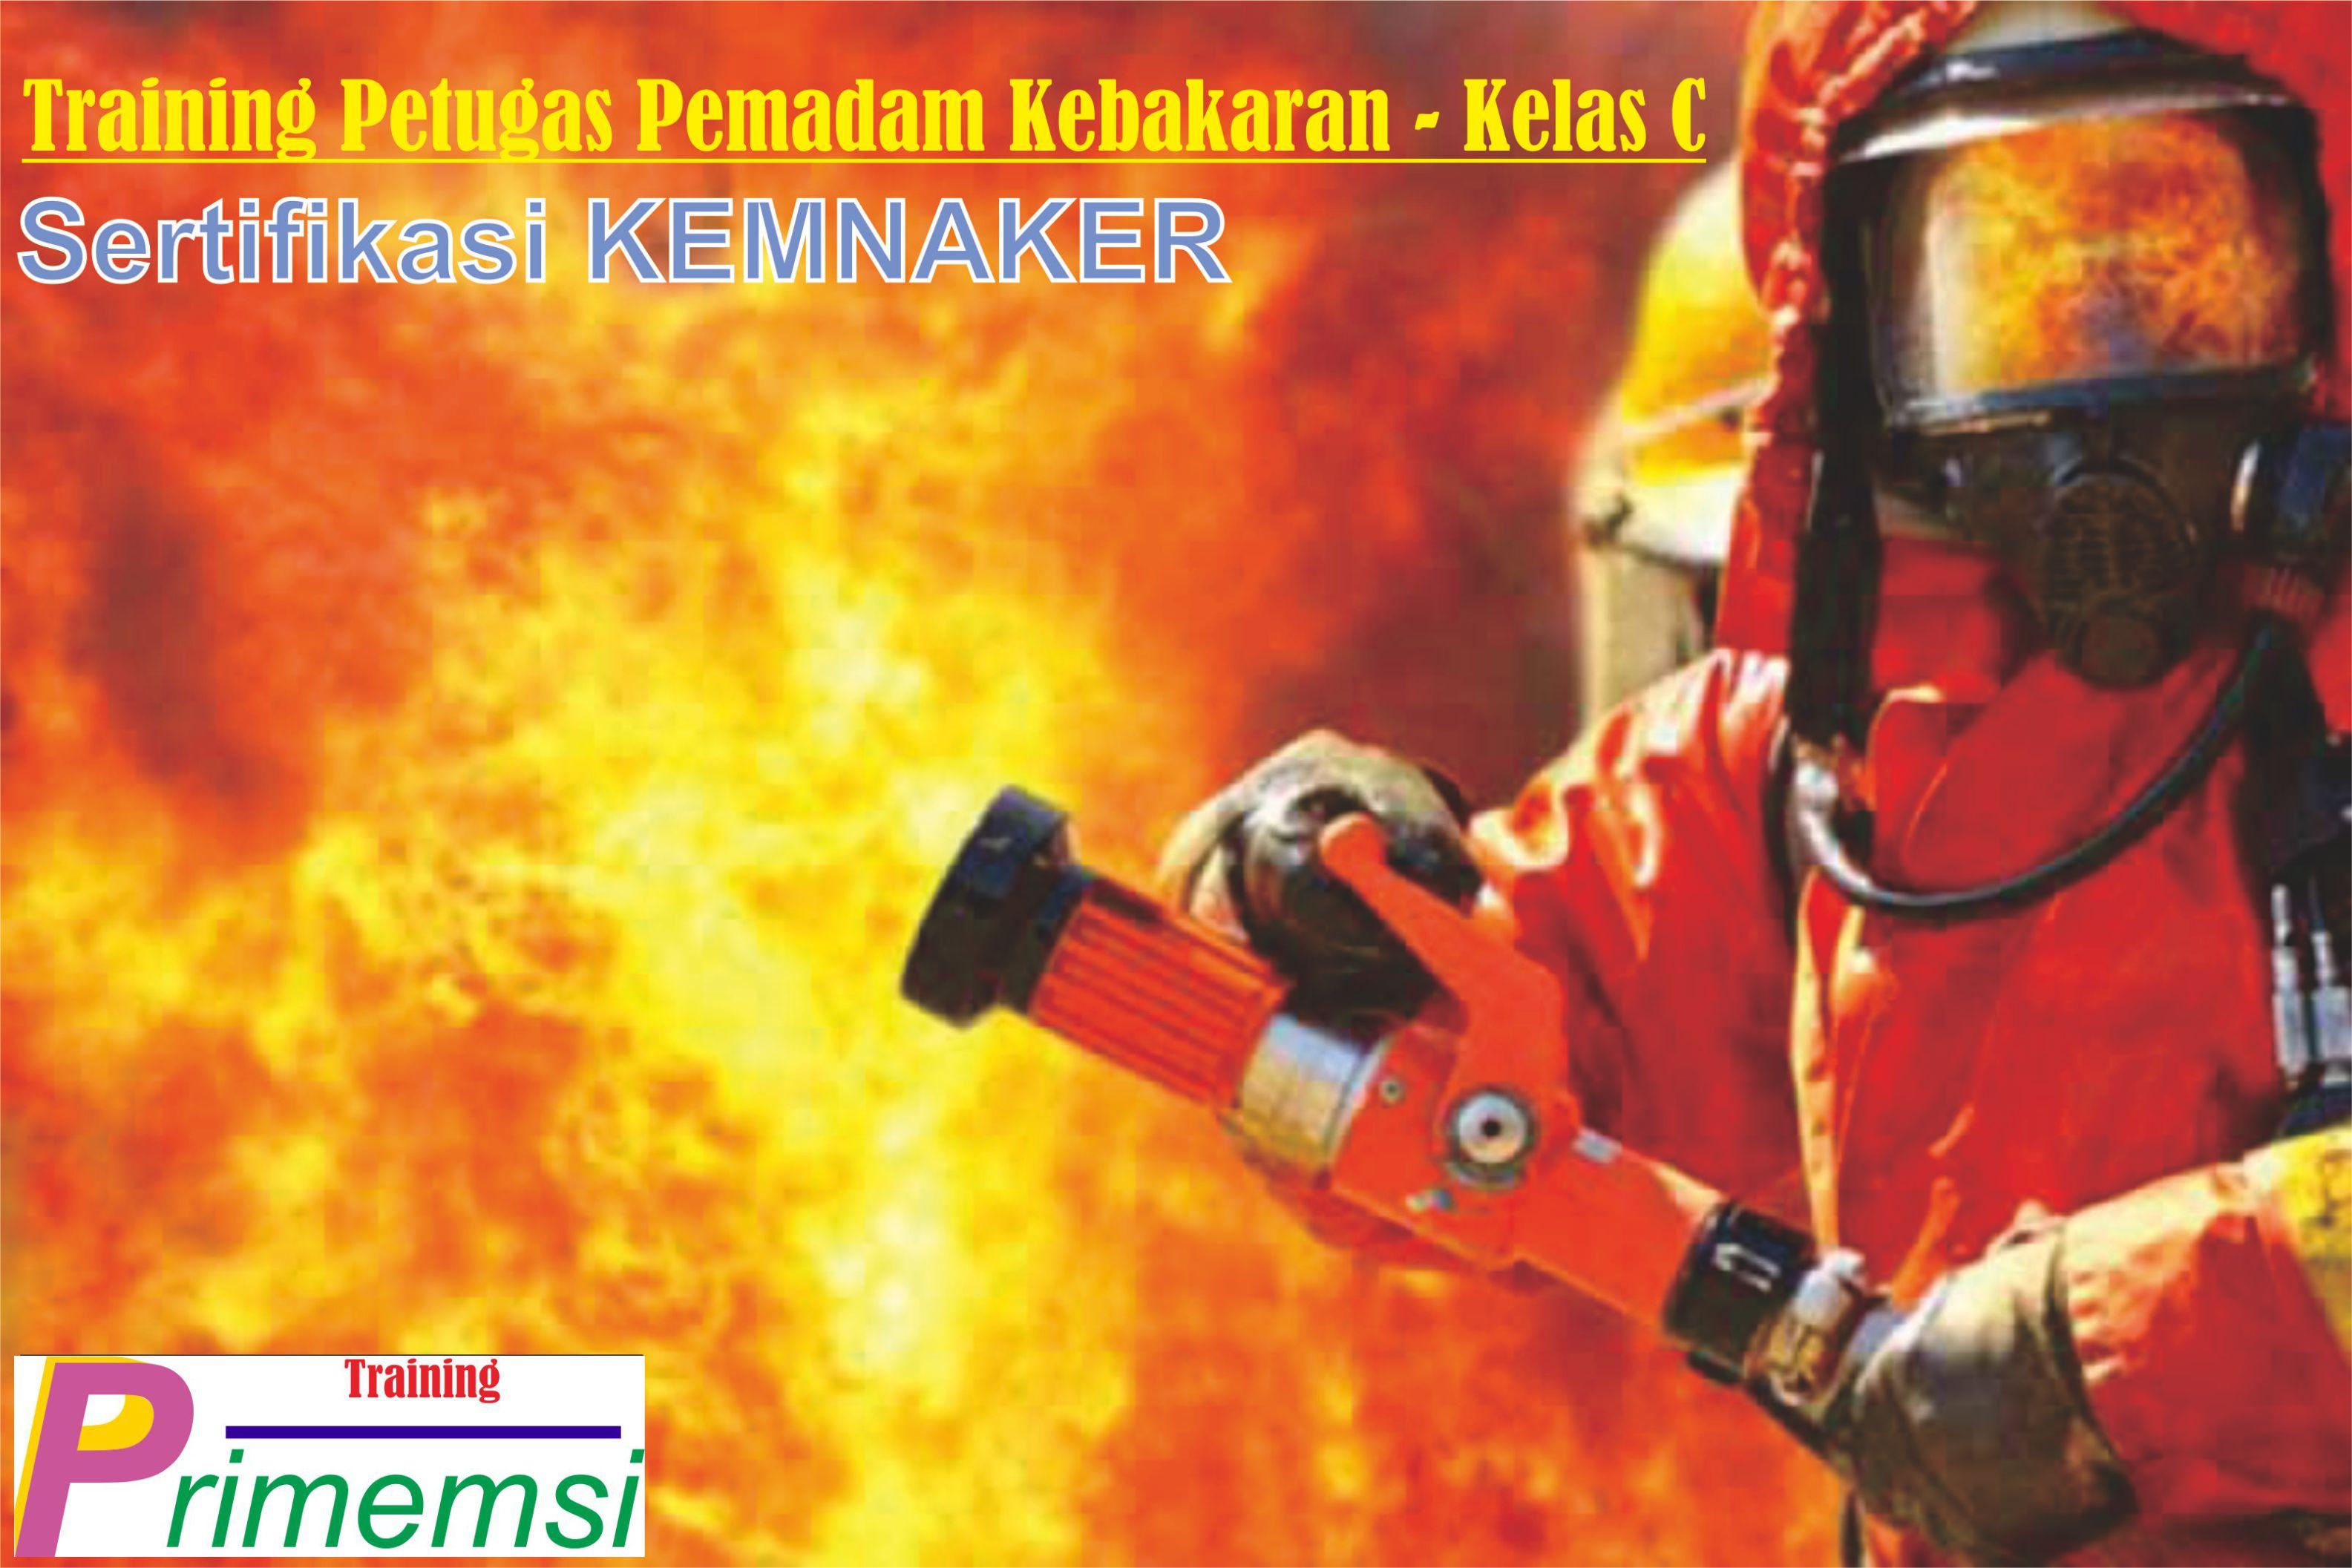 training petugas pemadam kebakaran kelas c